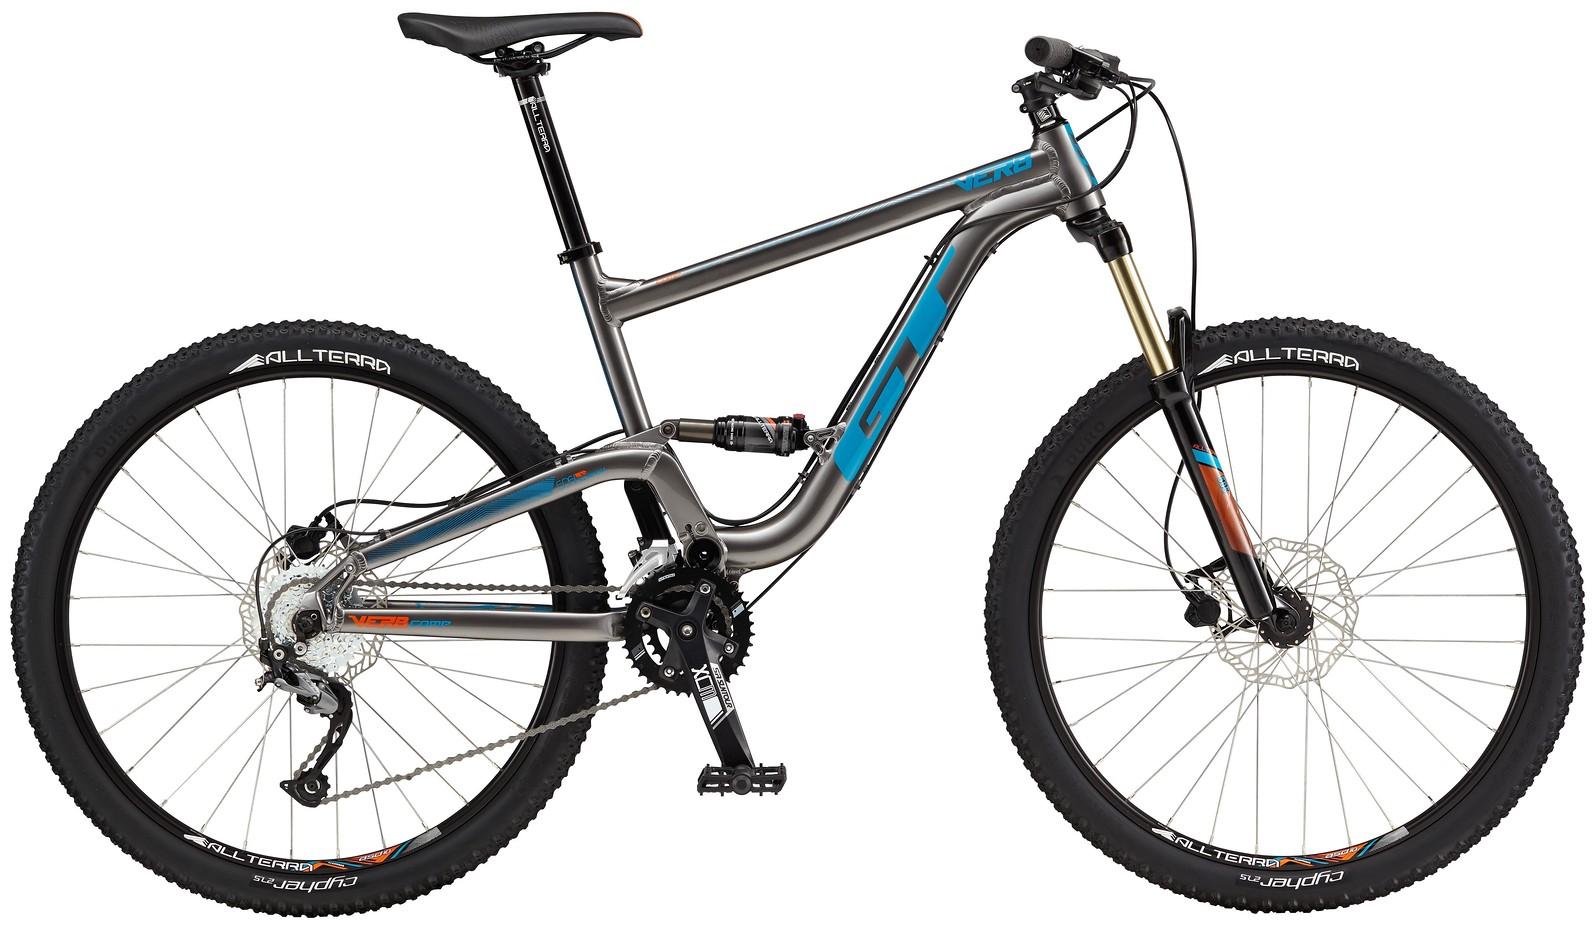 2017 Gt Verb Comp Bike Reviews Comparisons Specs Mountain